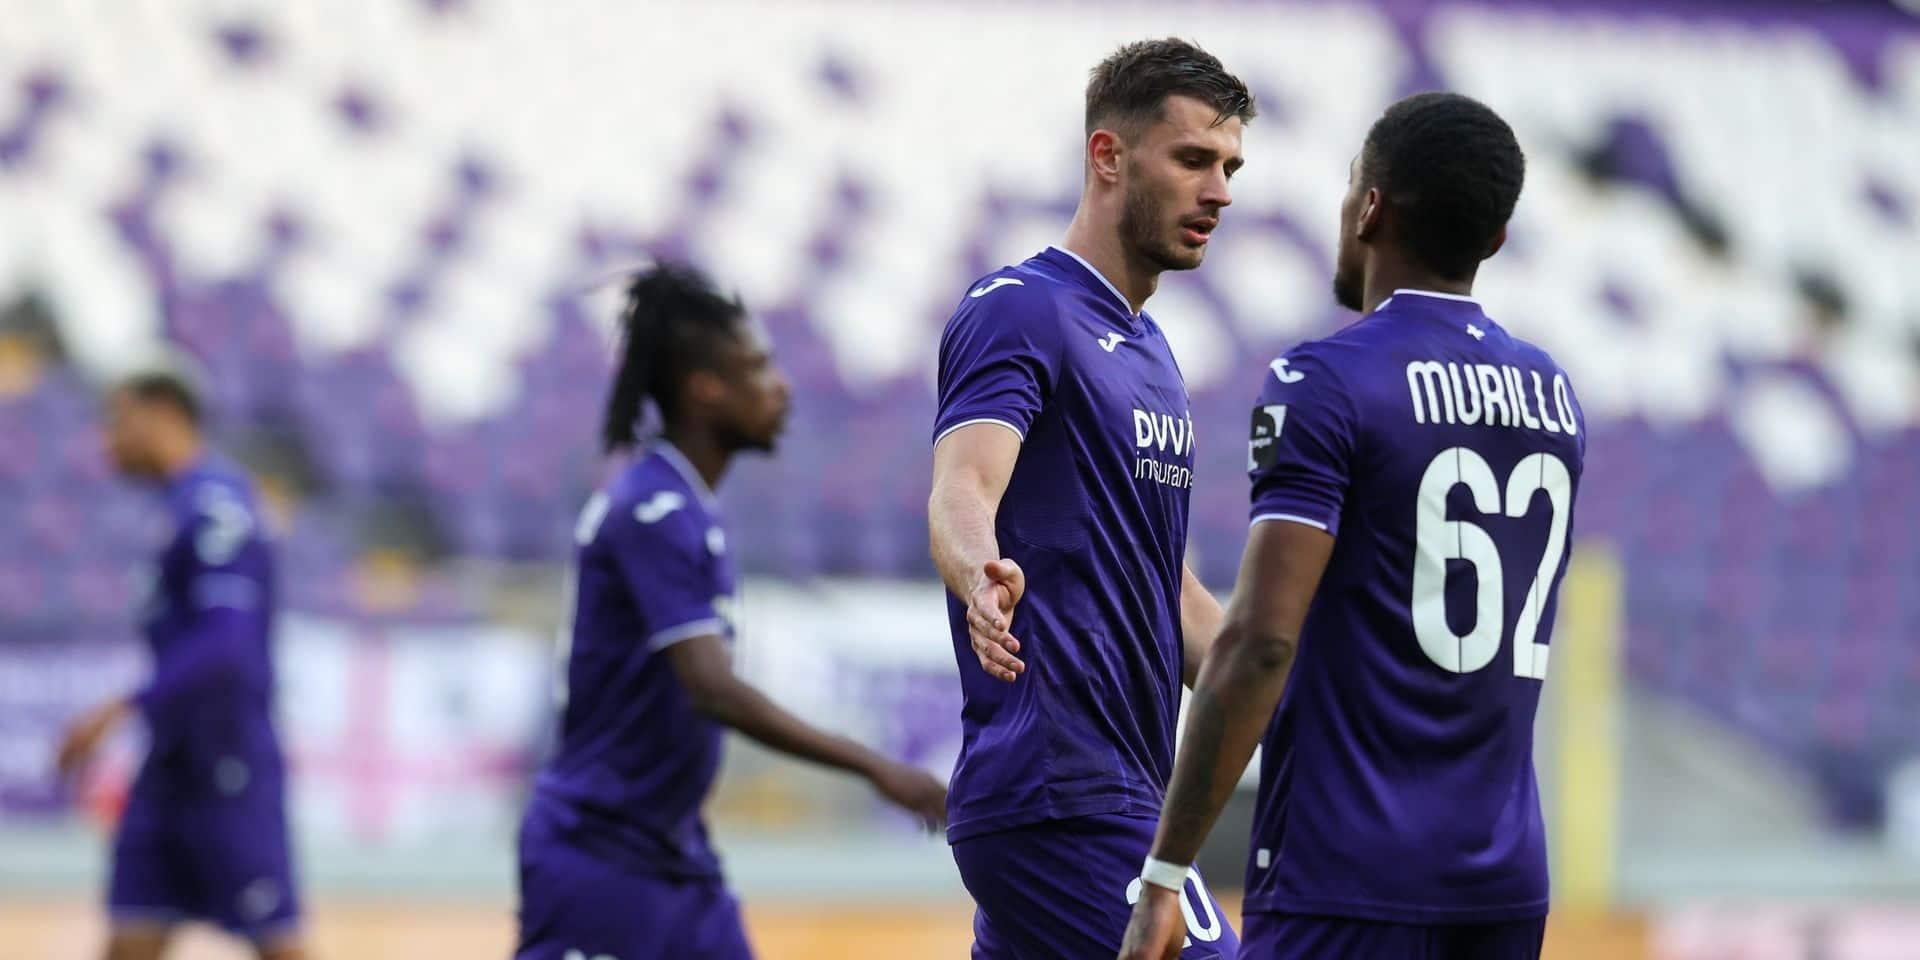 Anderlecht arrache un point dans les arrêts de jeu face à l'Antwerp dans une rencontre à rebondissements (2-2)